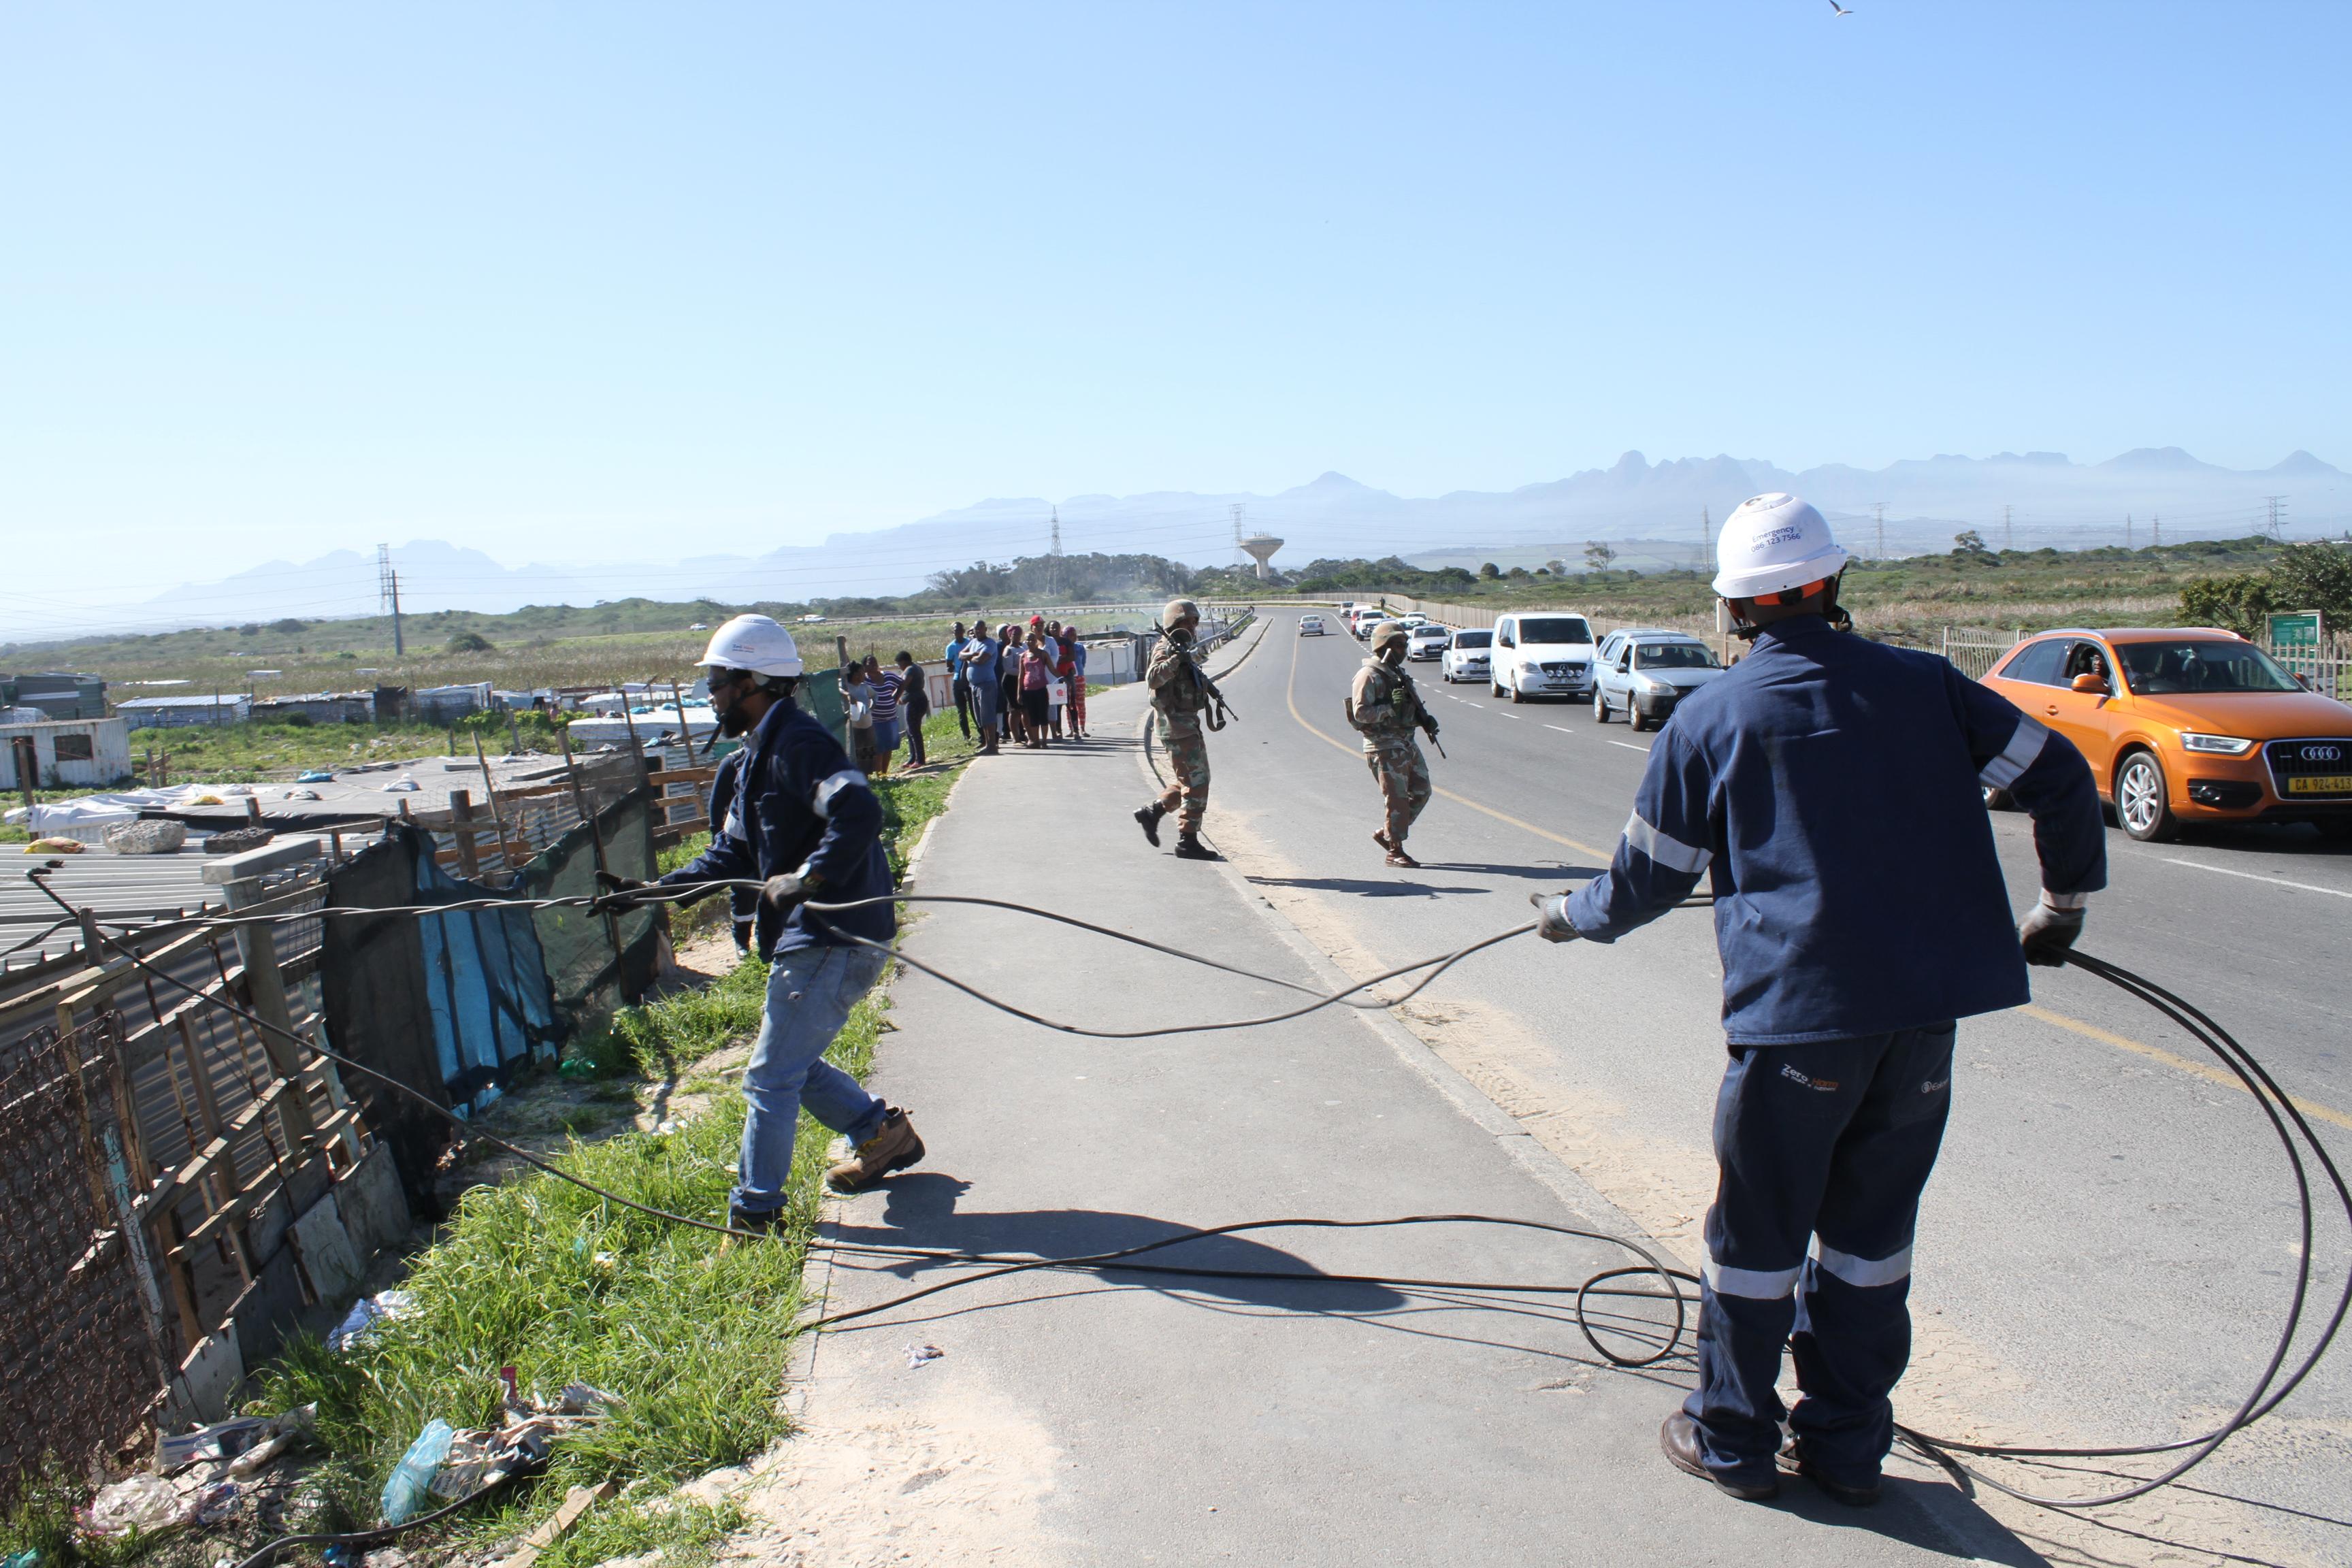 Army protects Eskom workers in Khayelitsha